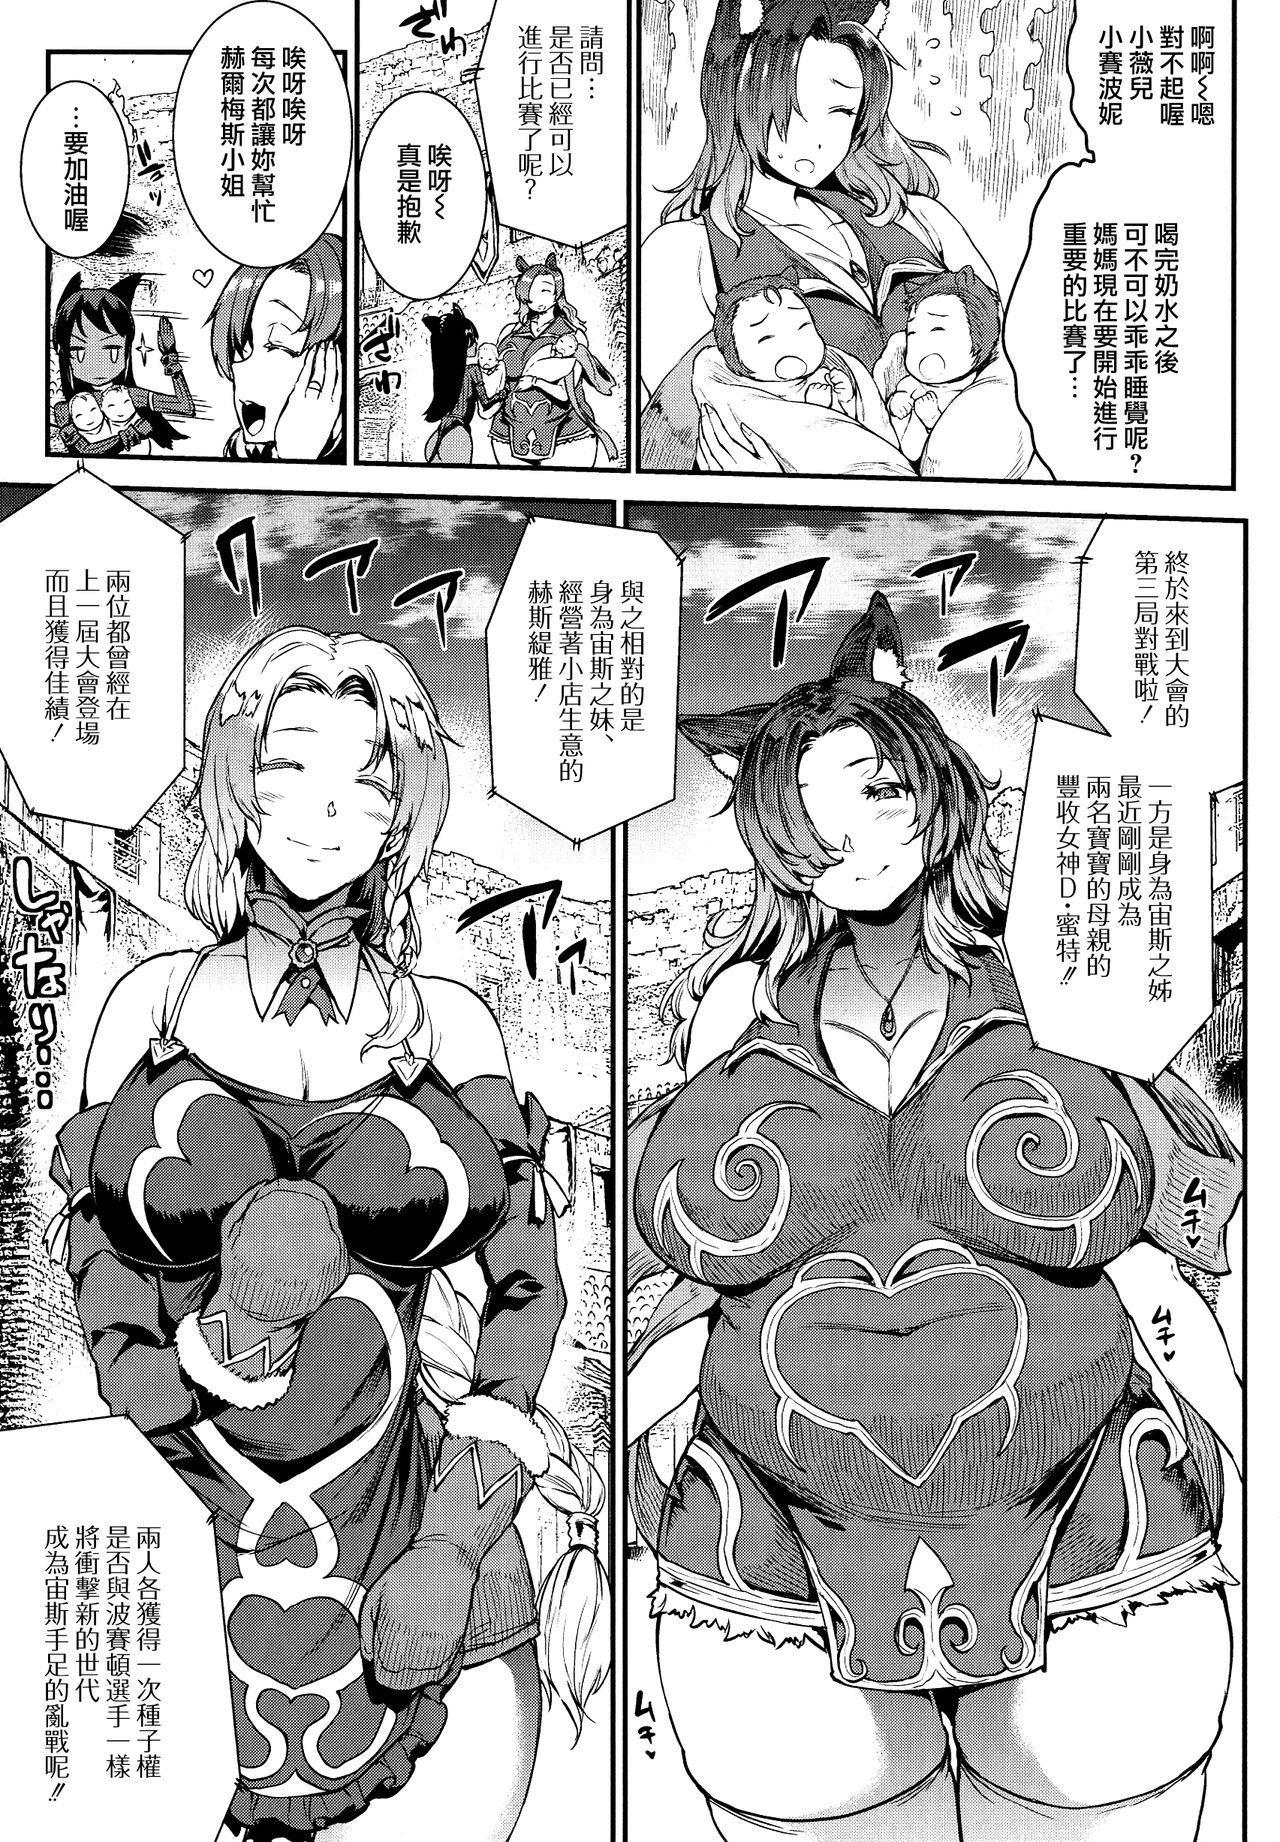 Raikou Shinki Igis Magia 133